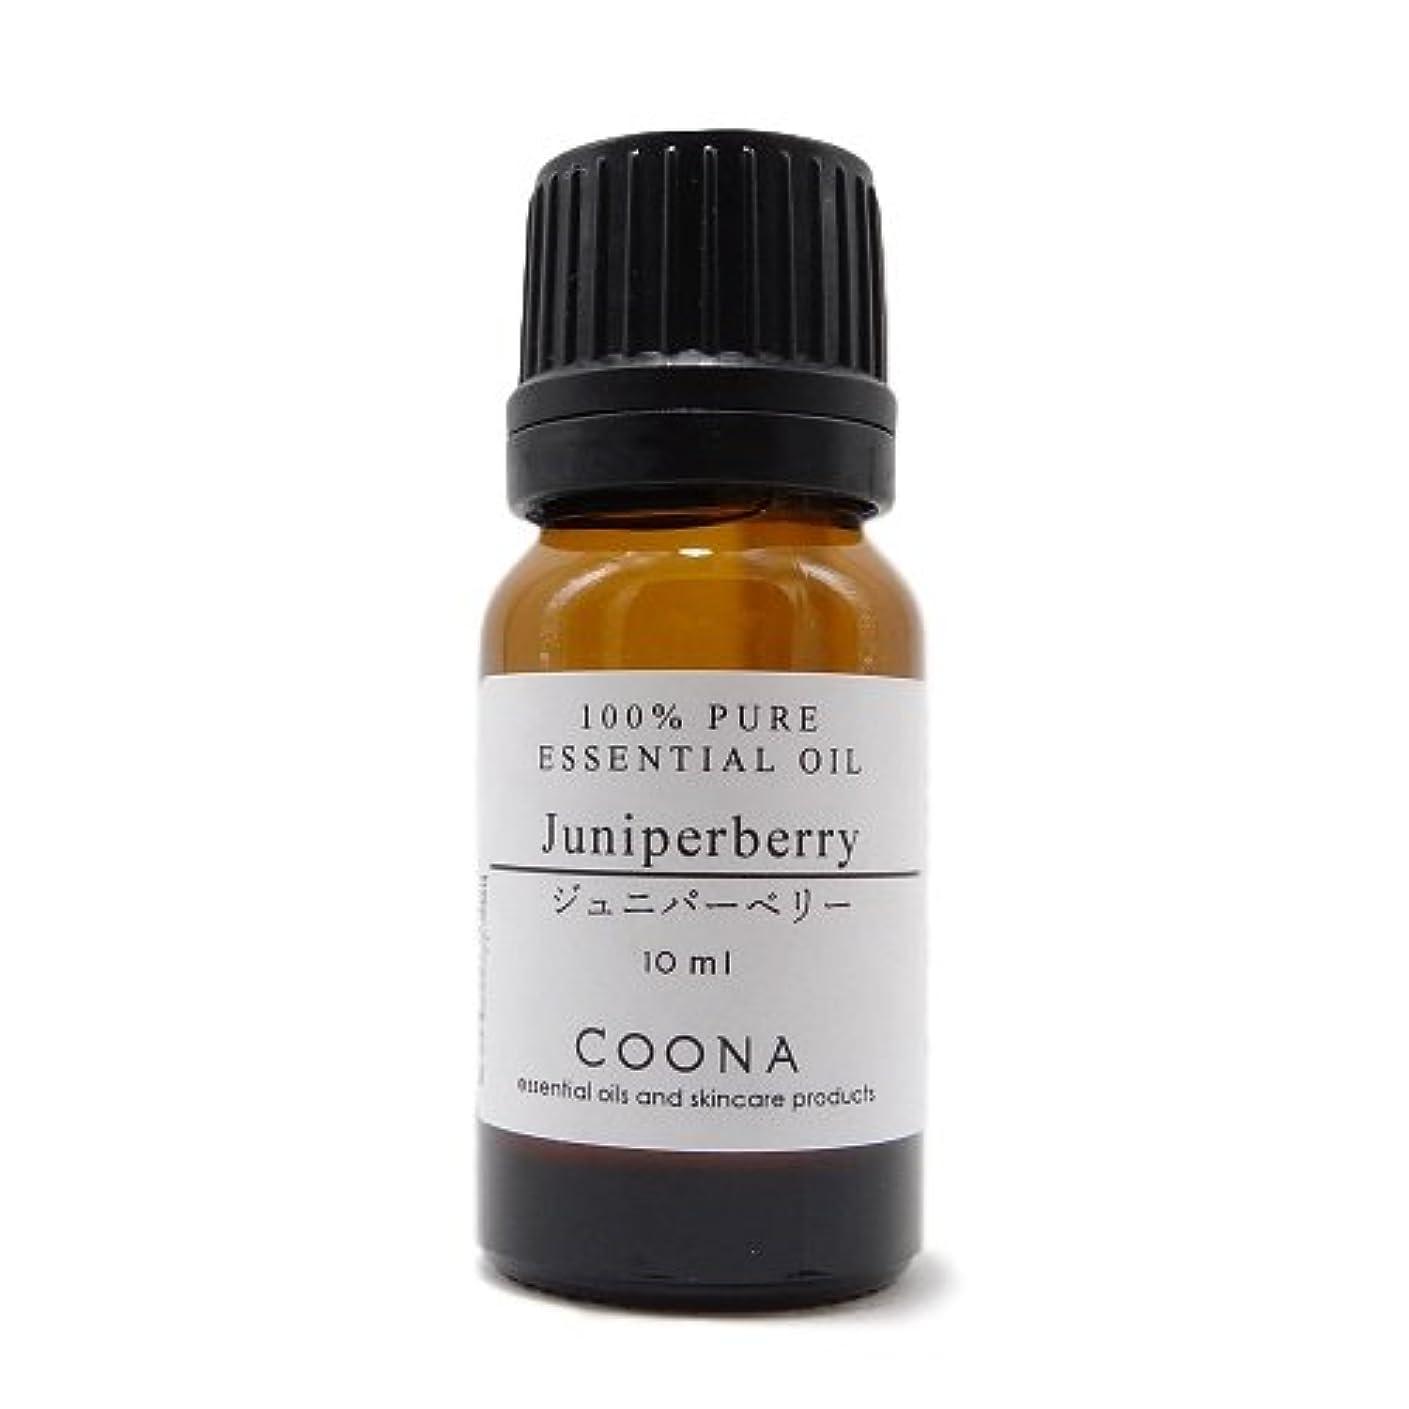 局寛大さエクステントジュニパーベリー 10 ml (COONA エッセンシャルオイル アロマオイル 100%天然植物精油)